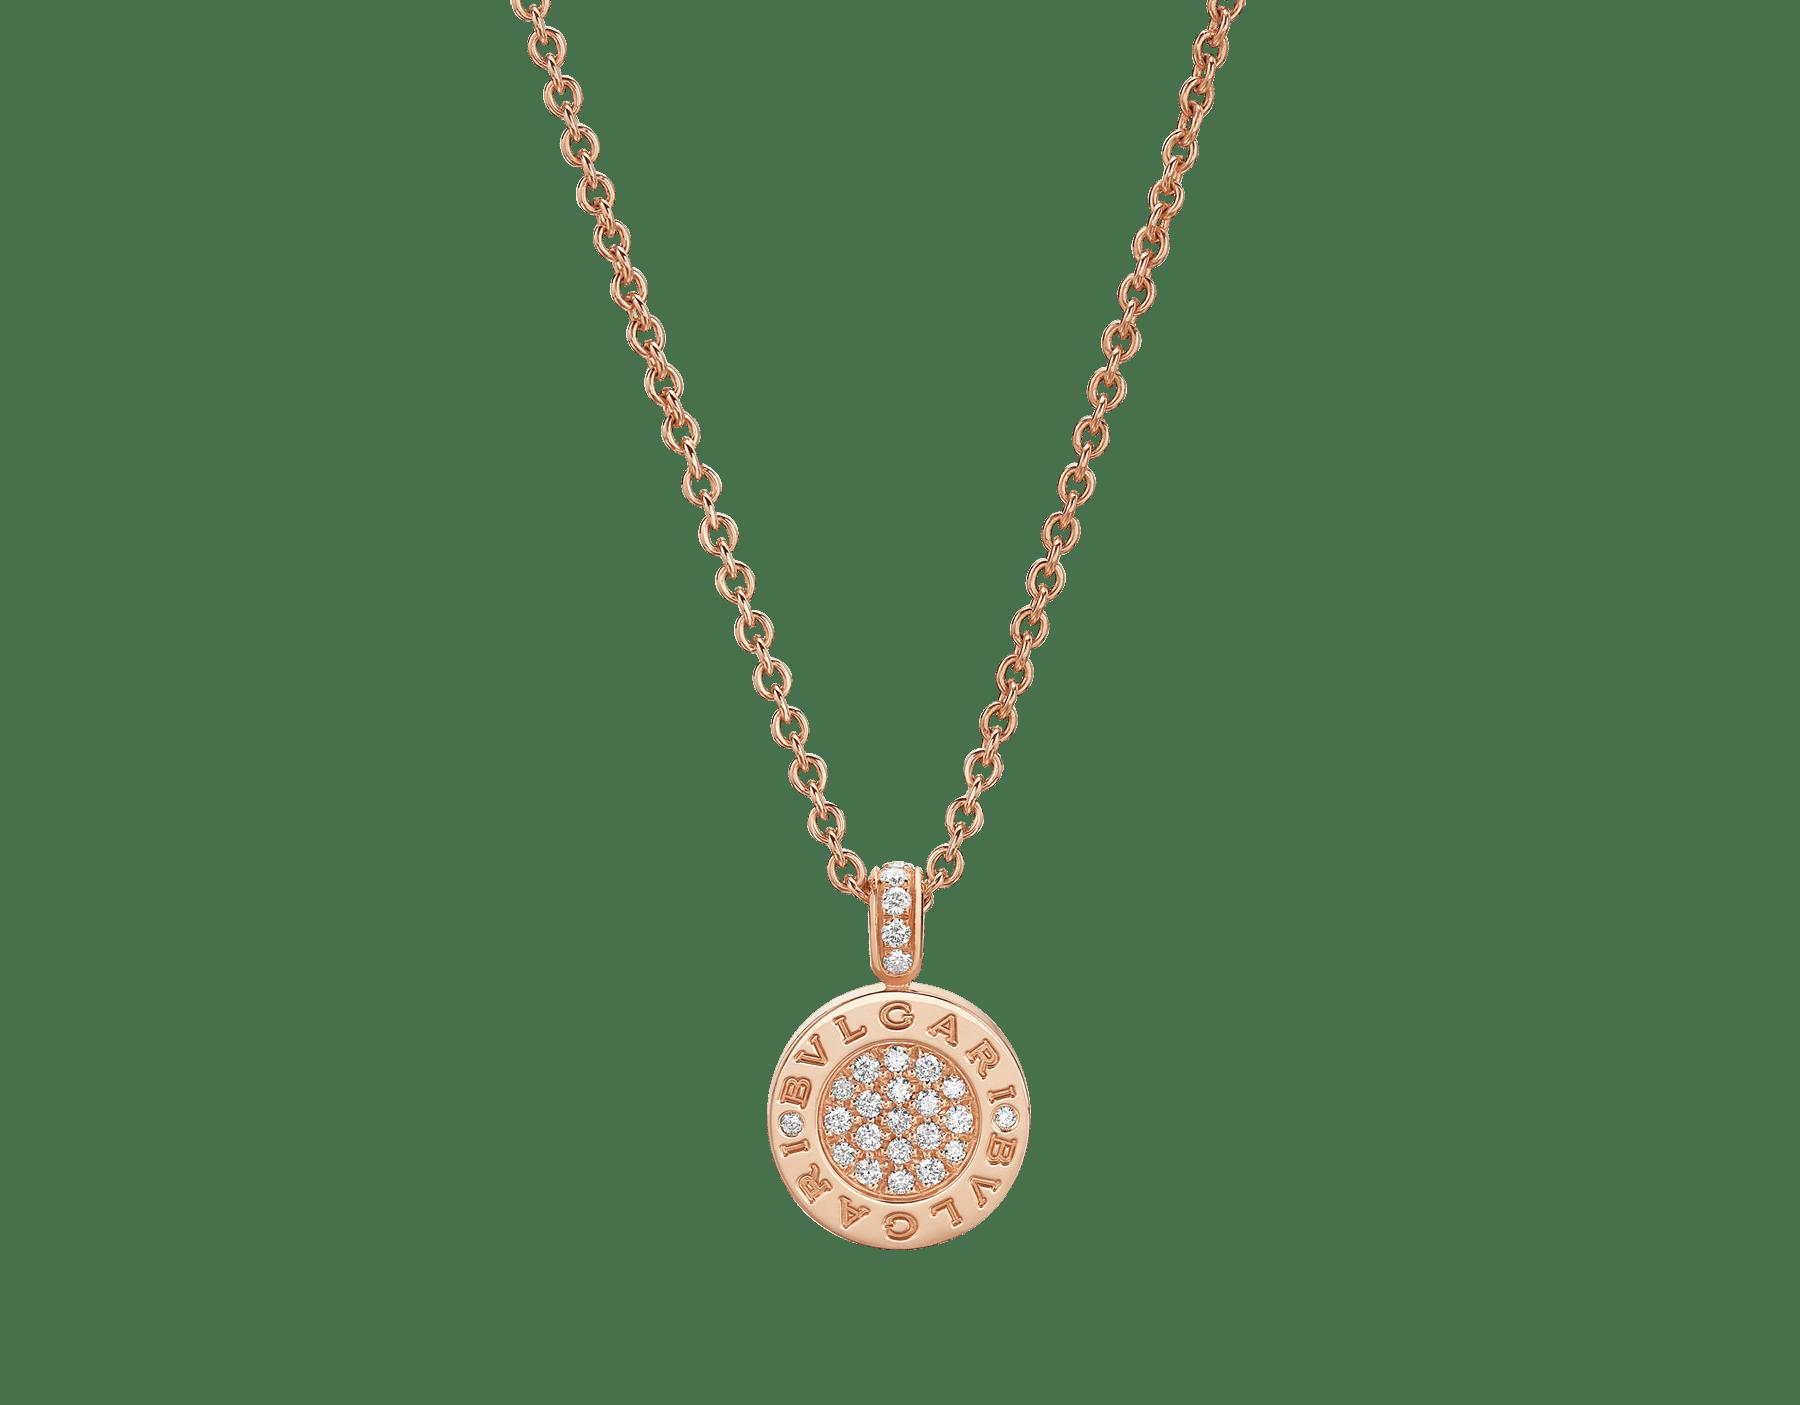 Collier BVLGARI BVLGARI avec chaîne en or rose 18K et pendentif en or rose 18K serti d'éléments en jade et pavé diamants 350681 image 2